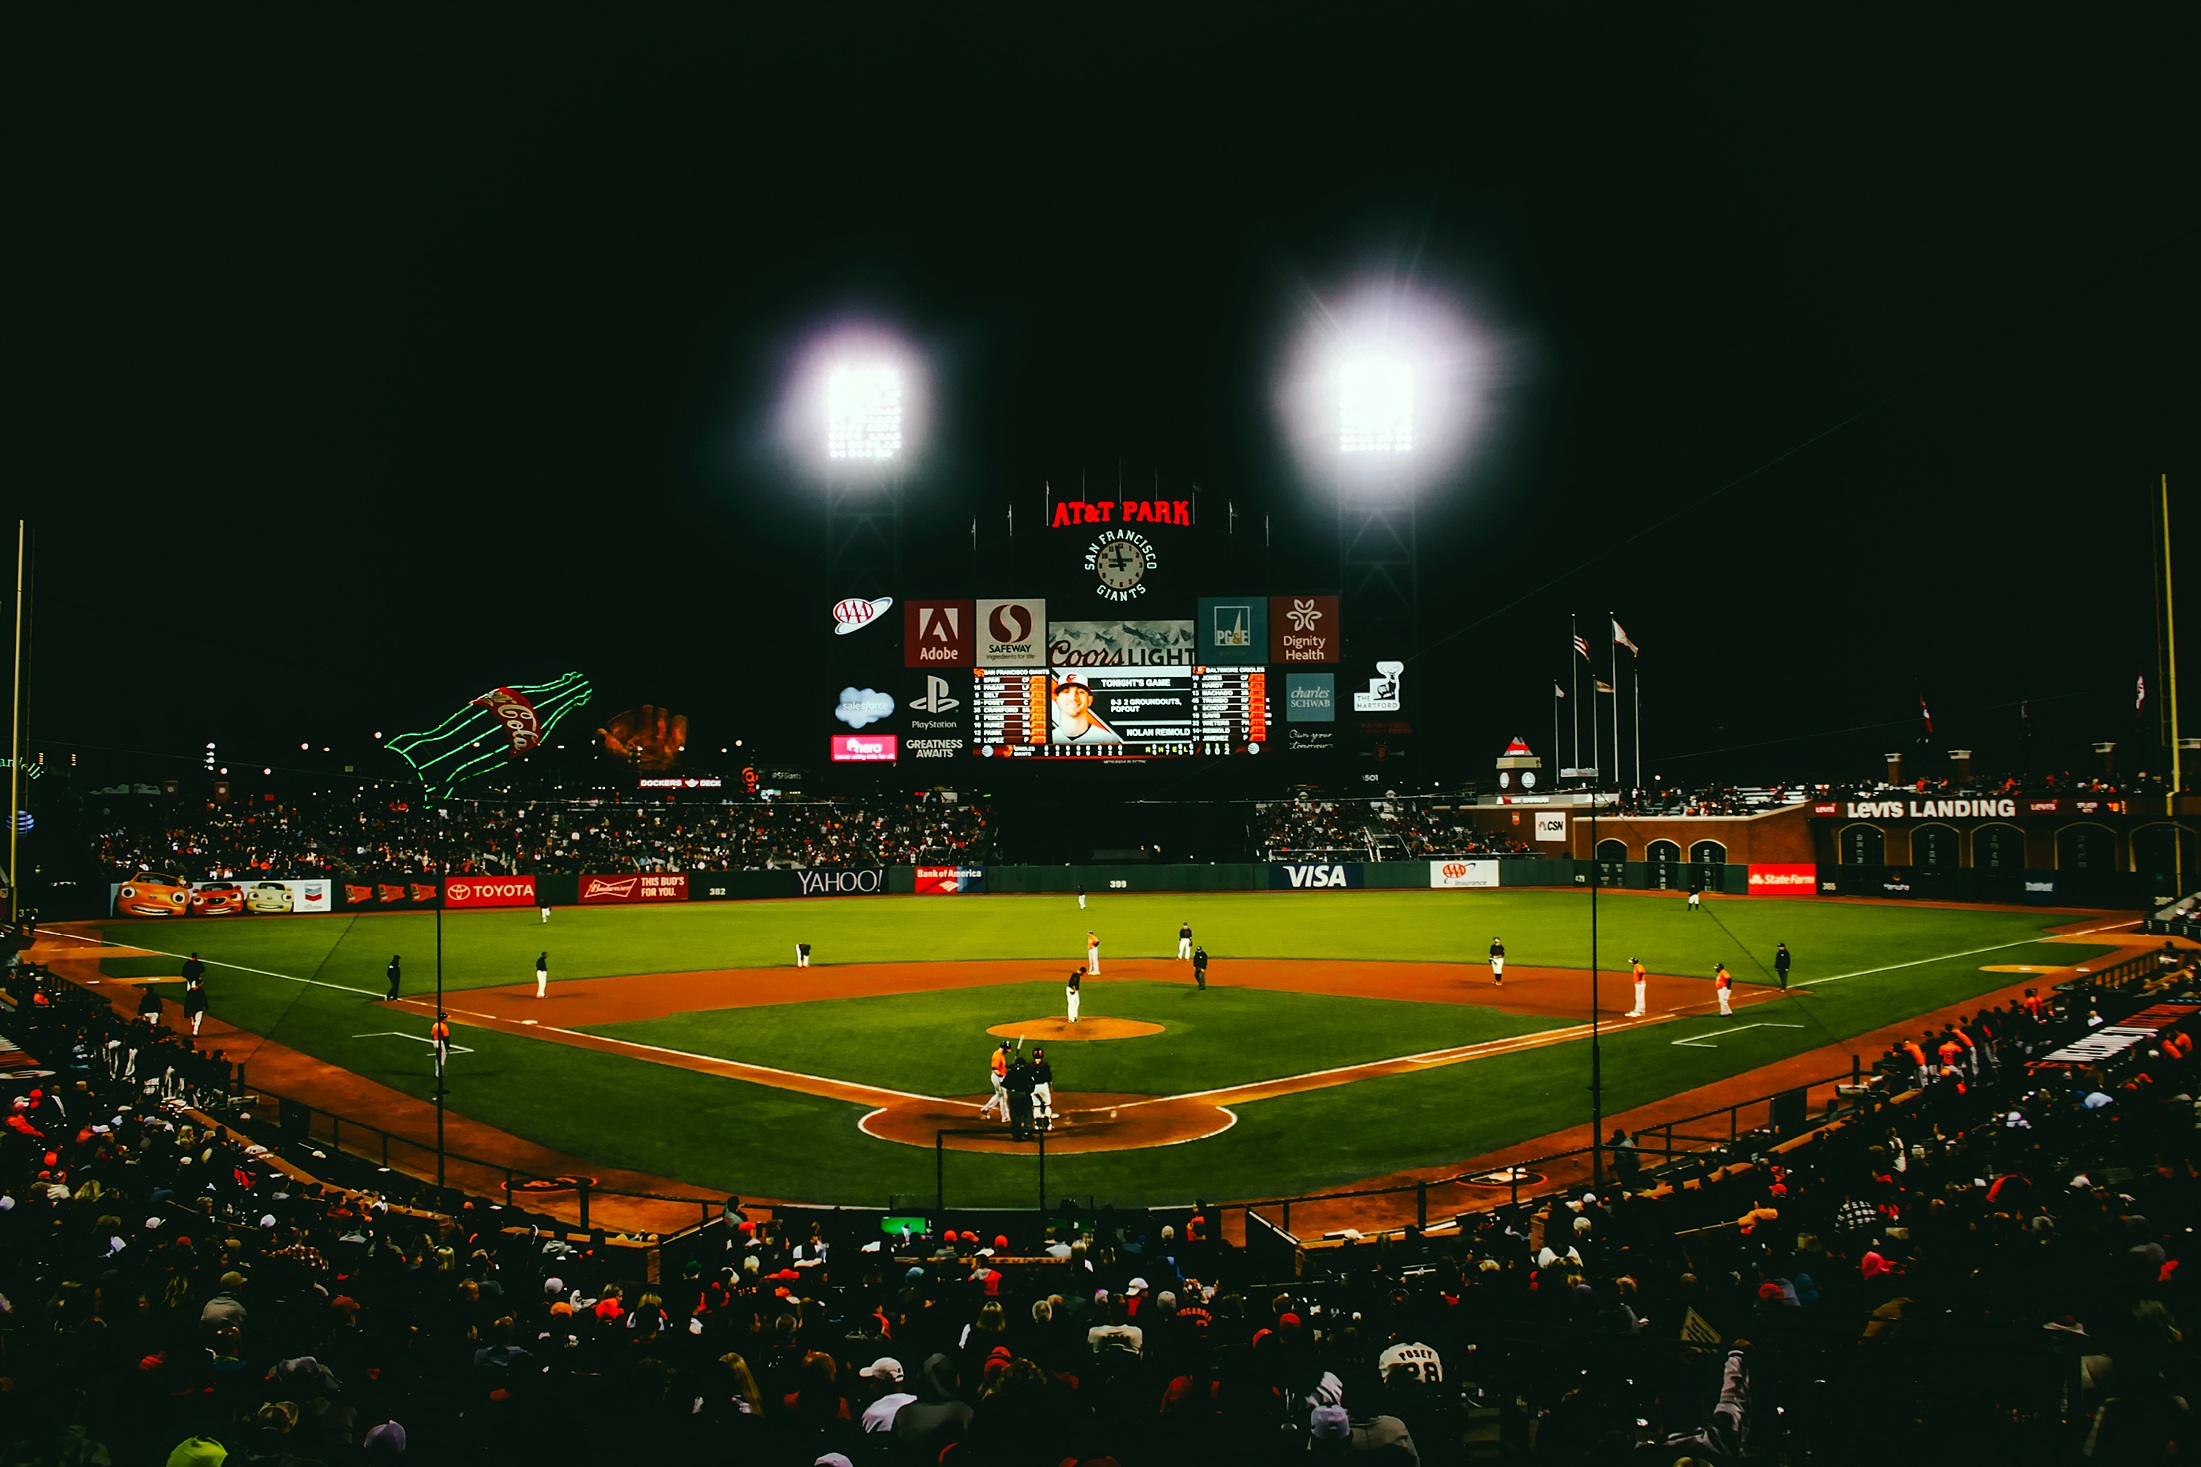 metlife-stadium-san-francisco-giants-baseball-night-game